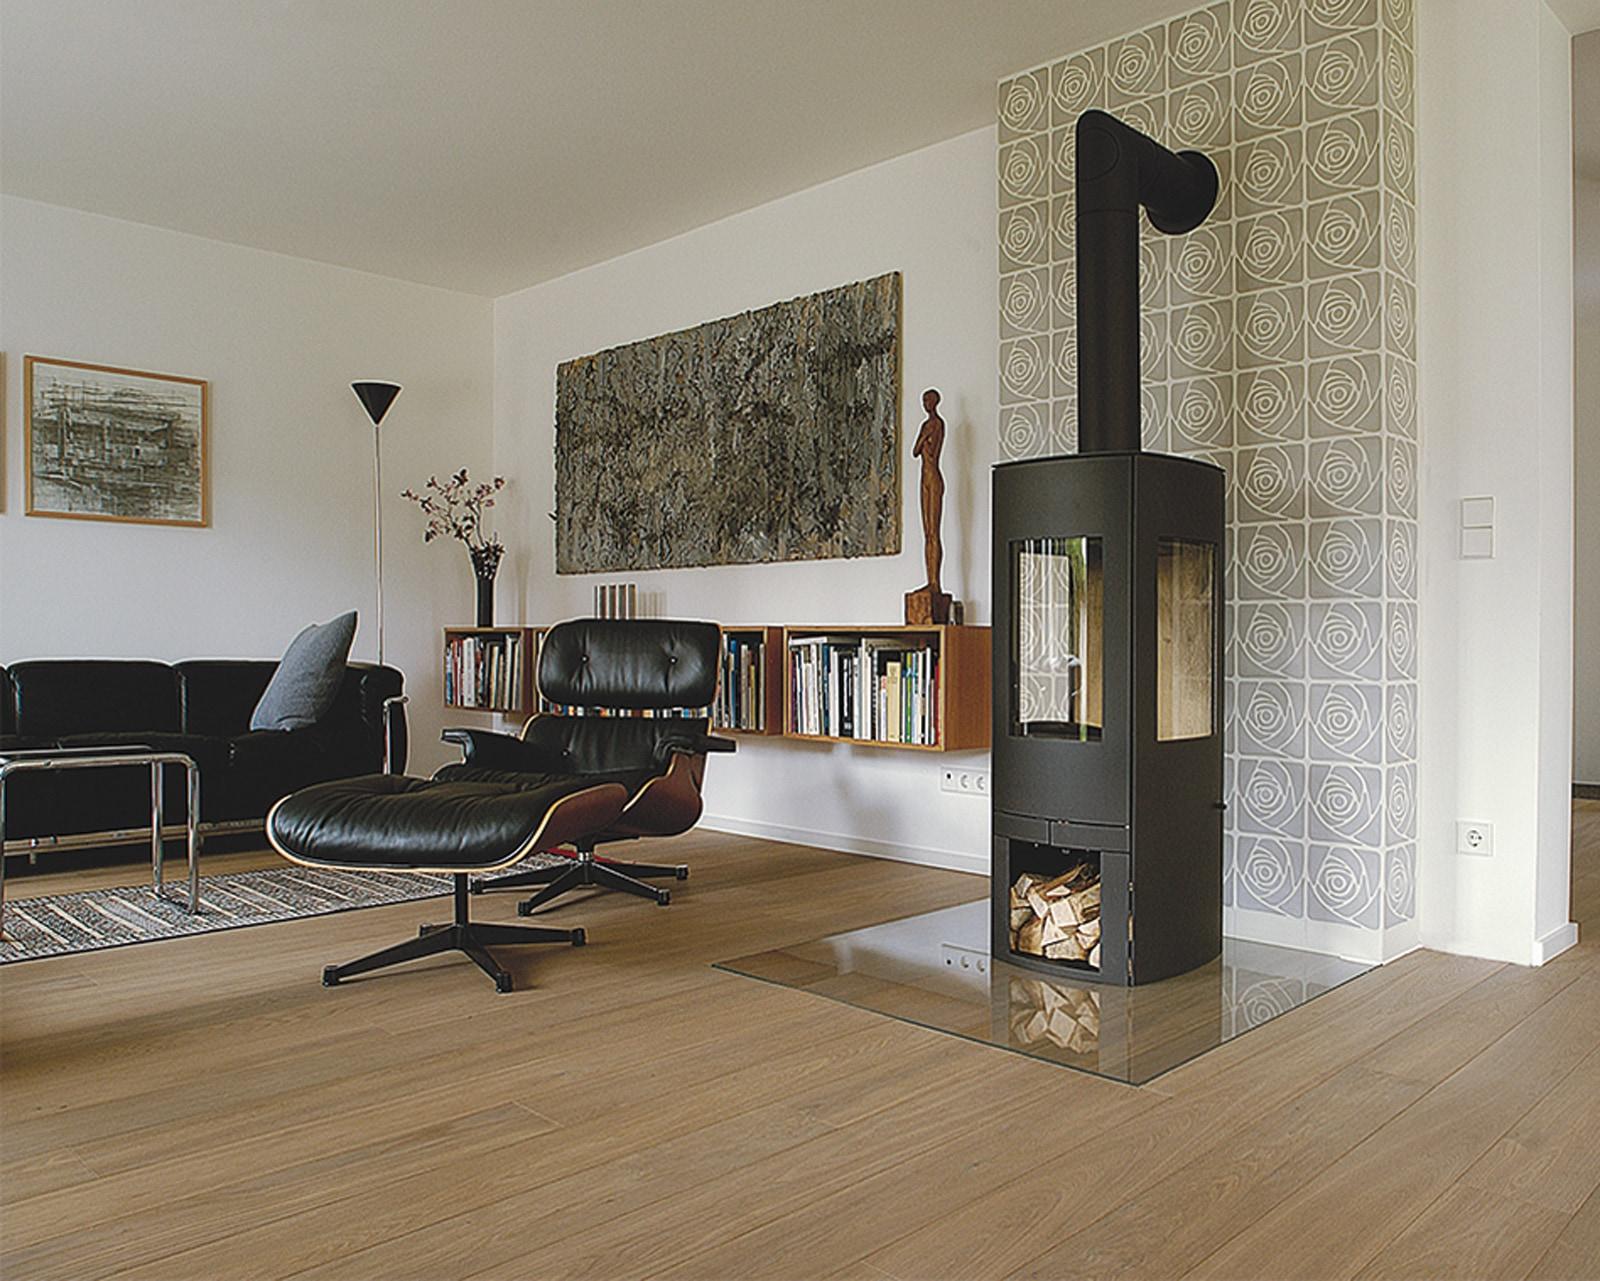 zementfliesen-11352-Ofenwand_Foto Bettina Krug-Nusser-viaplatten | 11352